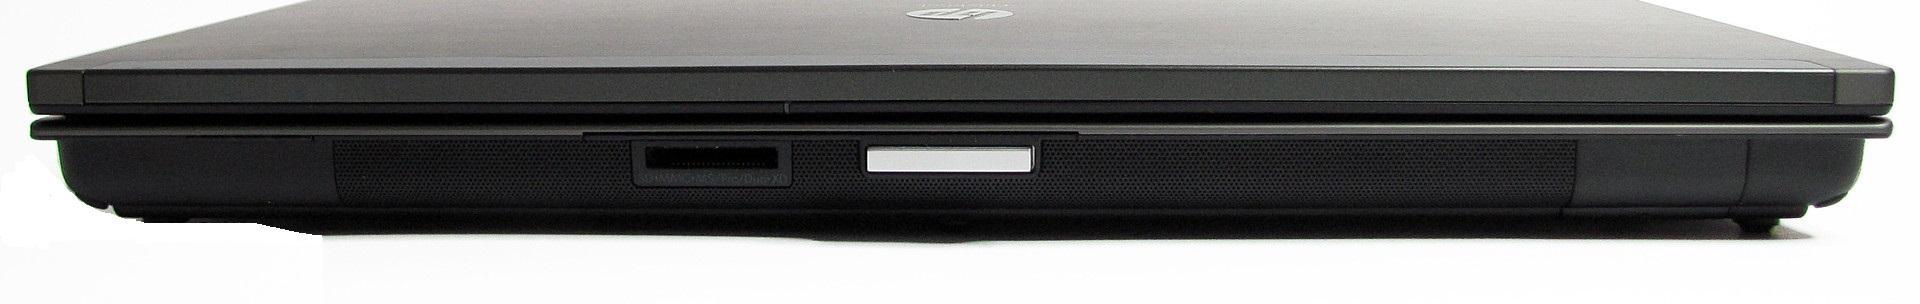 لپ تاپ استوک HP EliteBook 8540W